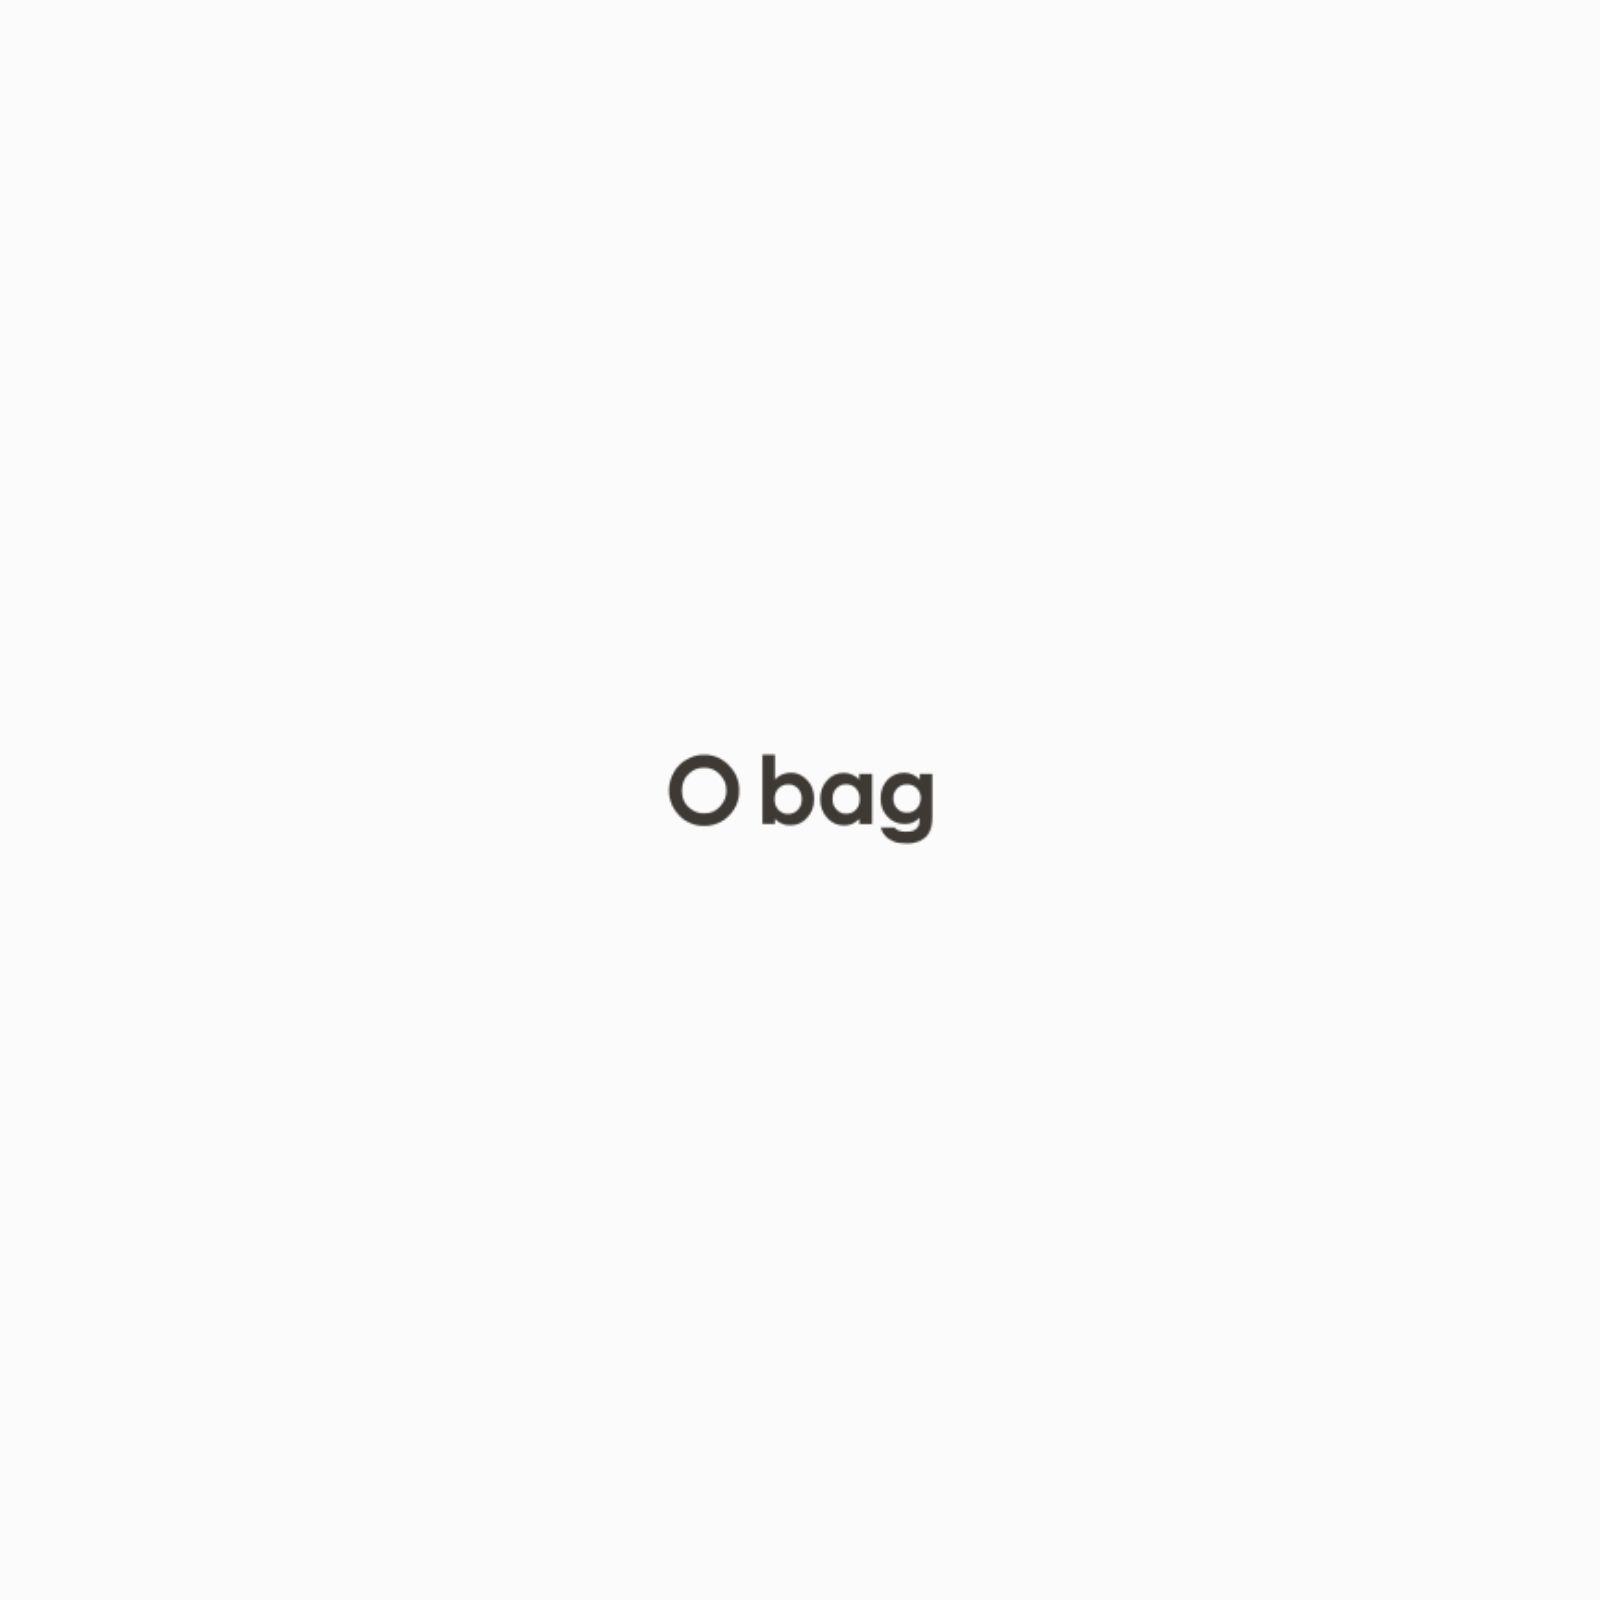 9acda1023c5f O bag .sacca interna microfibra